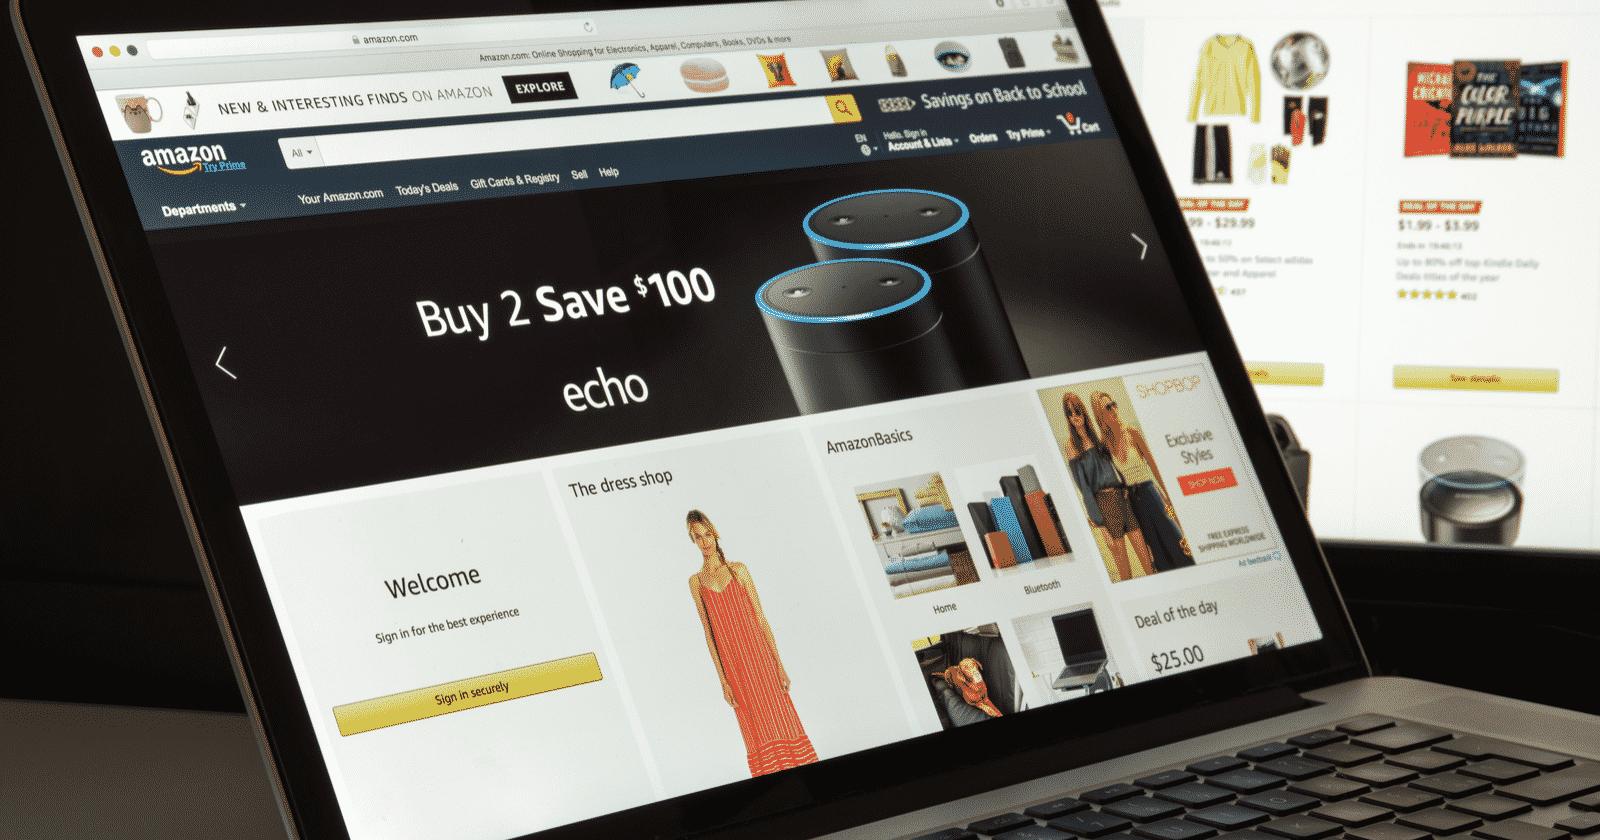 كيفية زيادة المبيعات باستخدام صفقات أمازون Amazon Deals؟